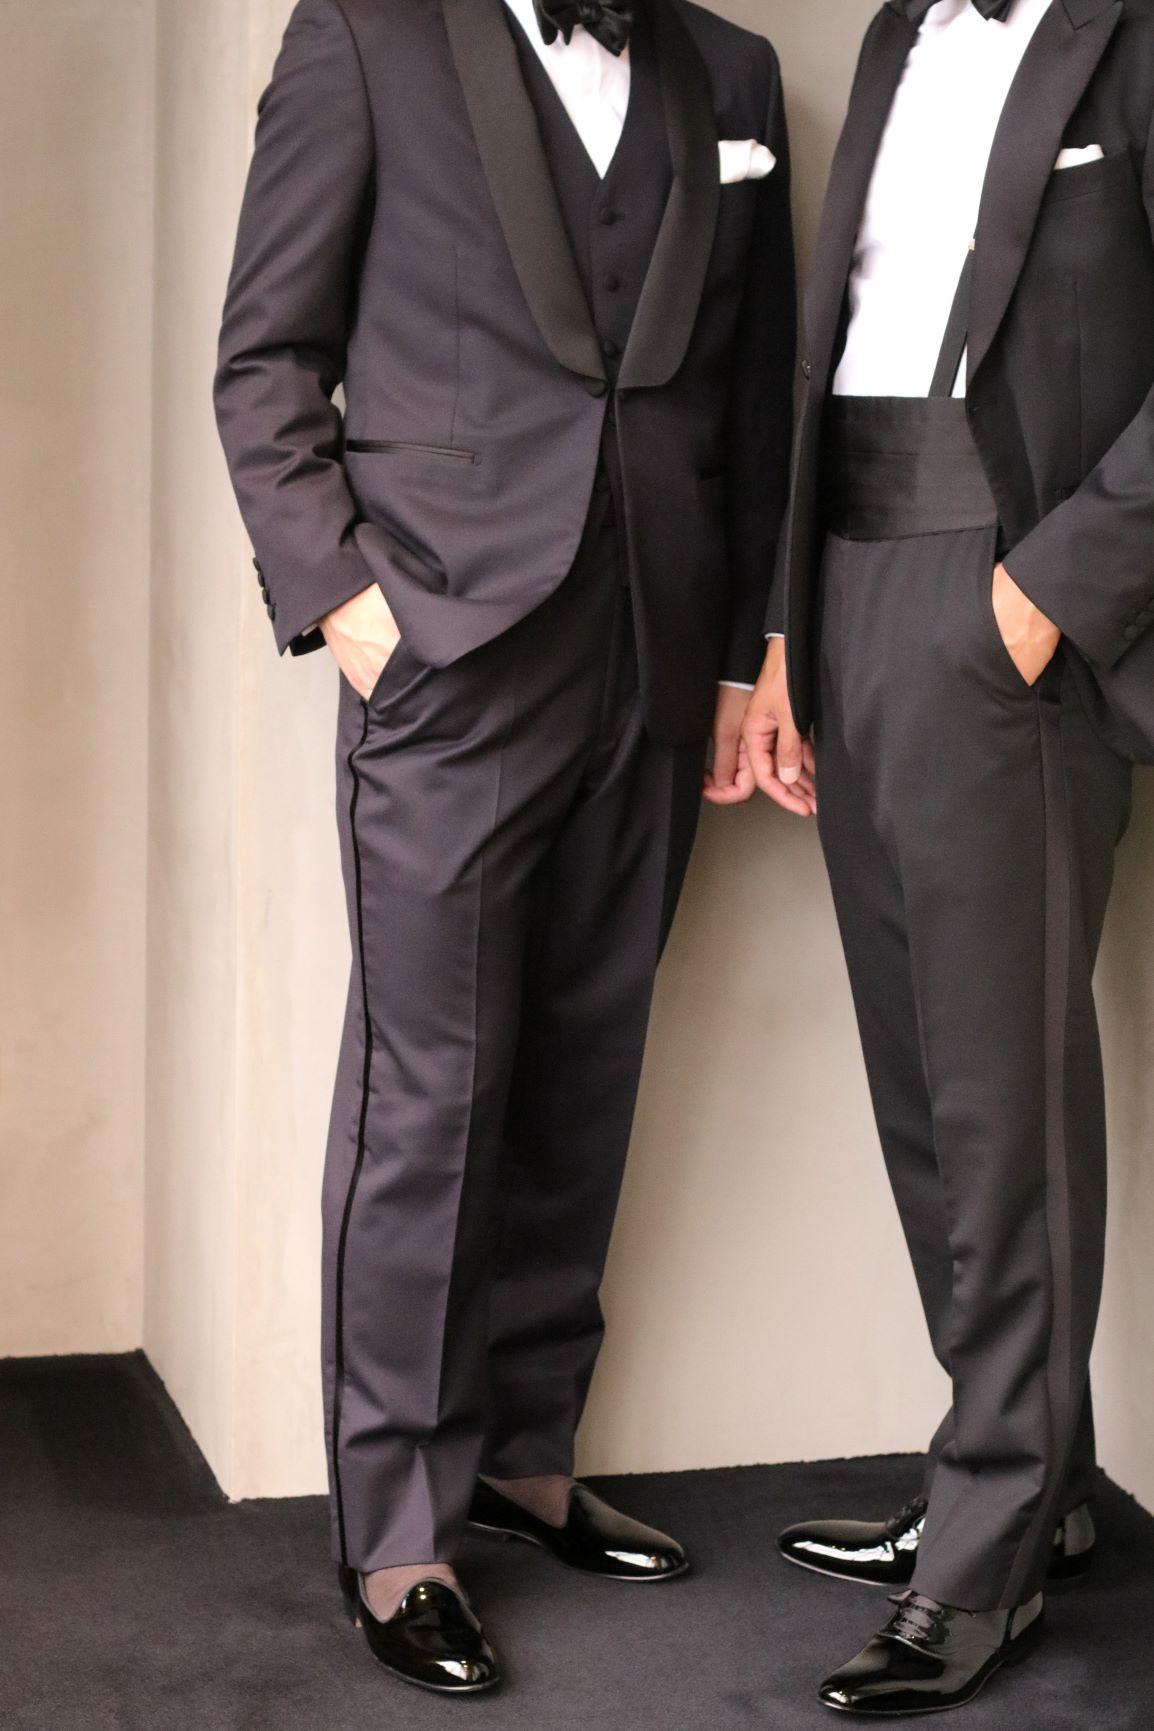 東京表参道の人気ドレスショップ ザ・トリート・ドレッシングがご提案する、ブラックやネイビーのフォーマルタキシードに相応しいイギリスのブランド、EDWARD GREEN(エドワード グリーン)のオペラシューズやレースアップシューズをご紹介いたします